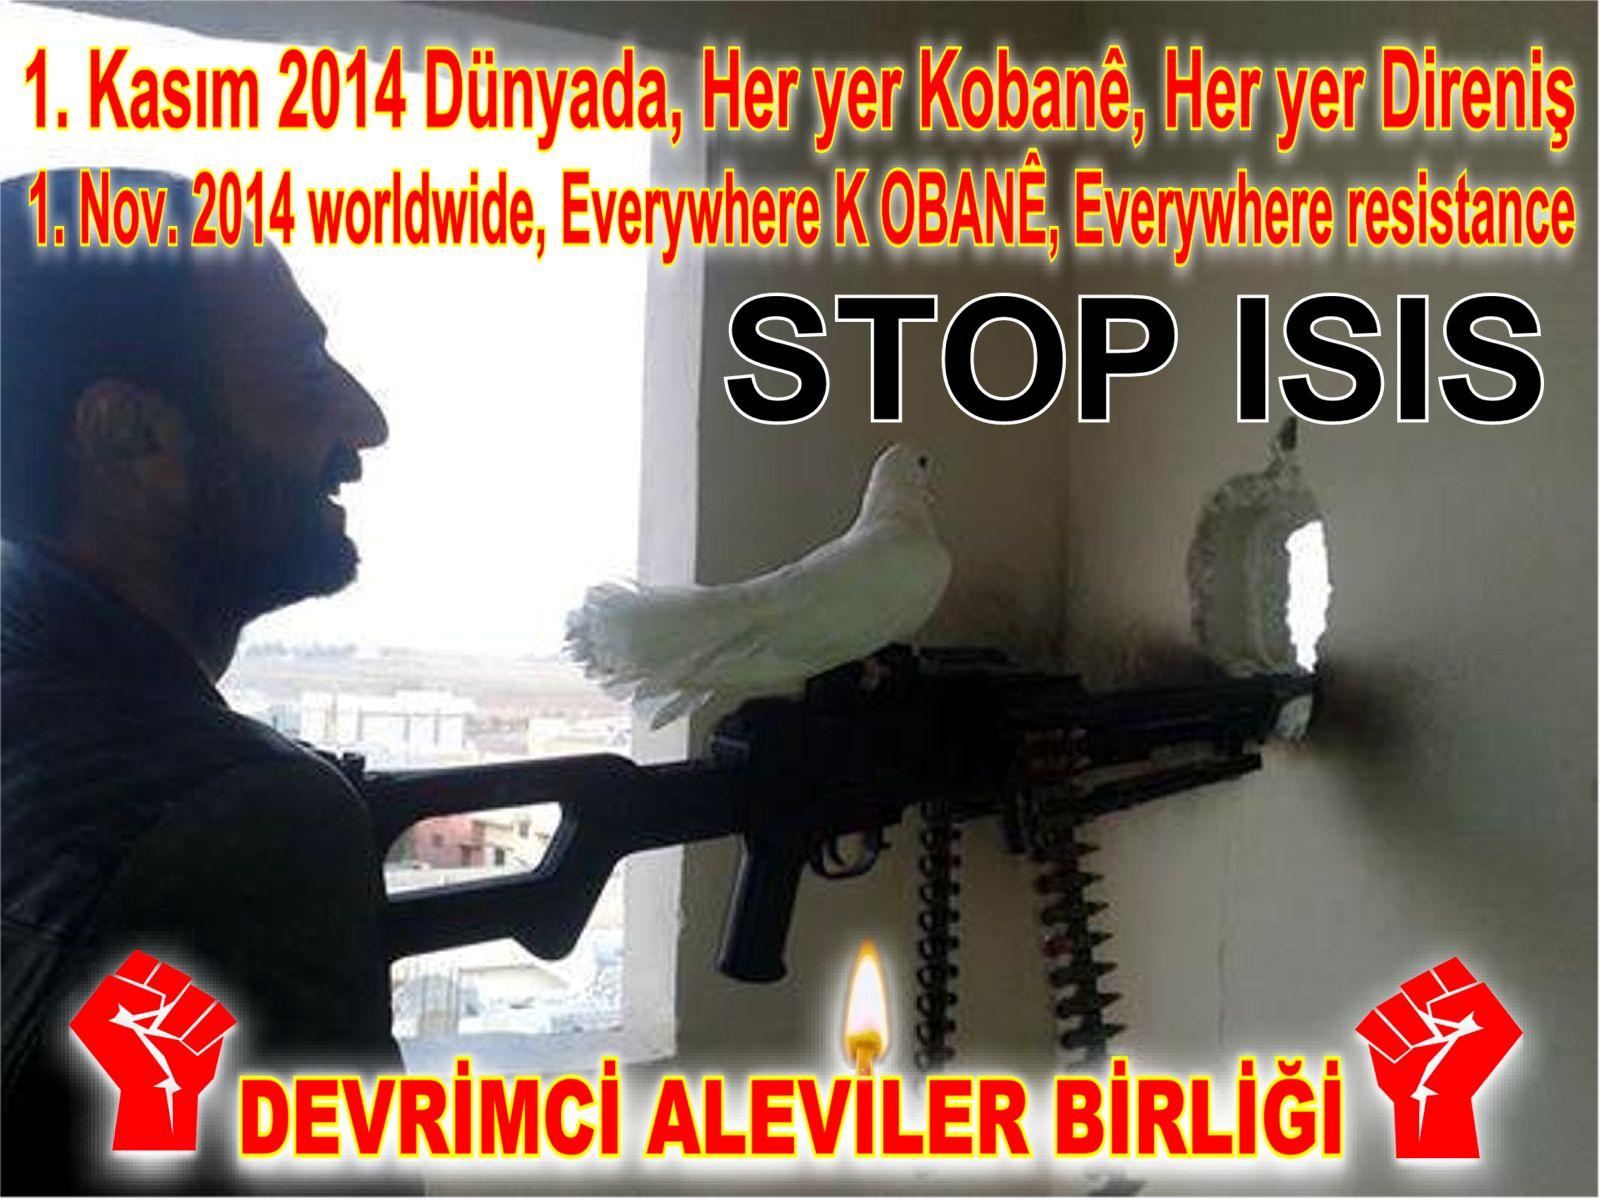 Devrimci Aleviler Birliği DAB Alevi Kızılbaş Bektaşi pir sultan cem hz Ali 12 imam semah Feramuz Şah Acar kobane baris 1 kasim